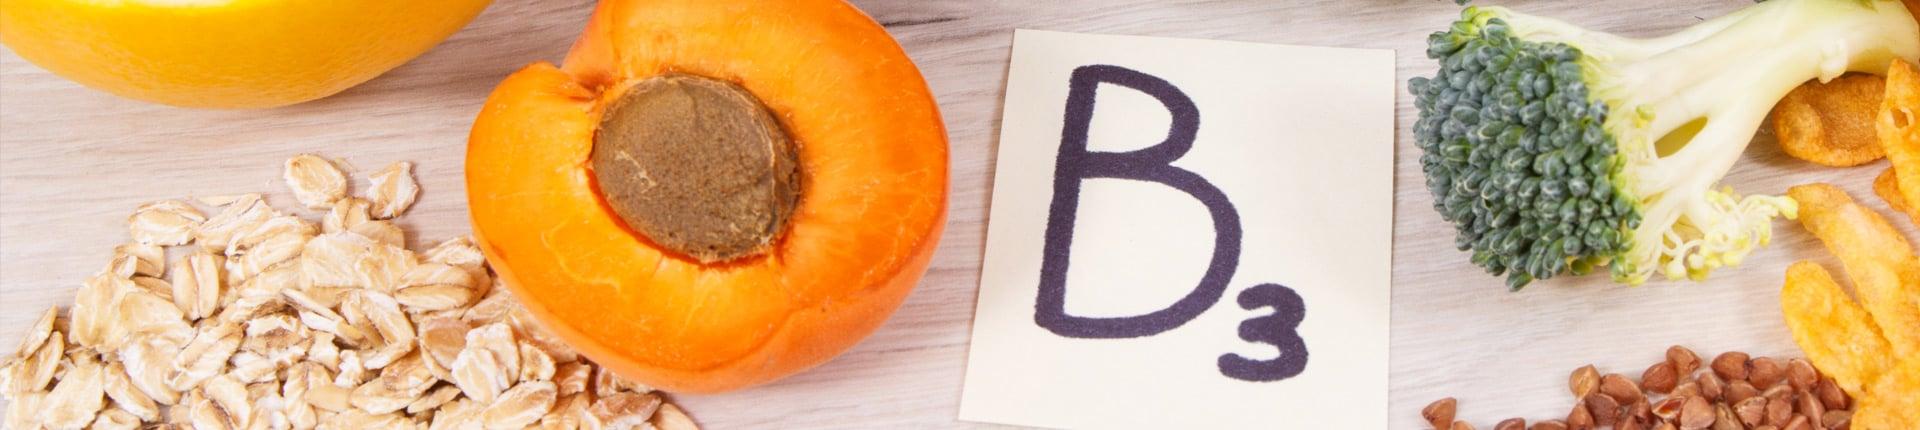 Witamina B3, PP, niacyna - działanie, skutki nadmiaru i niedoboru